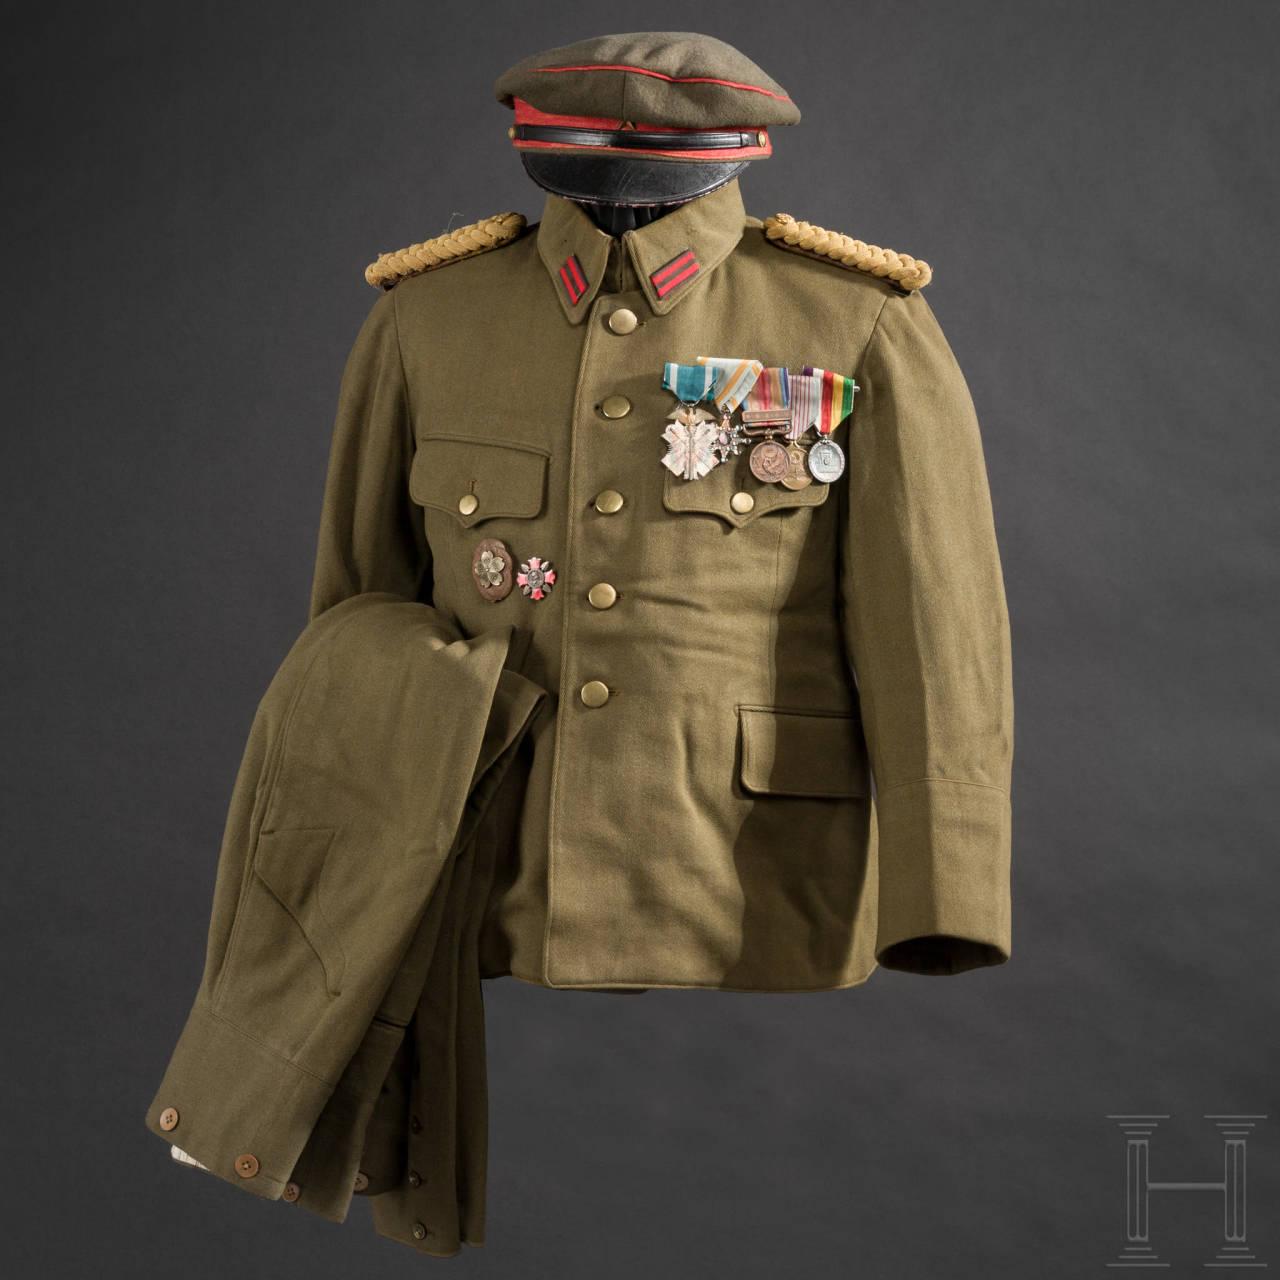 Uniformensemble für Offiziere der Kaiserlich Japanischen Armee im 2. Weltkrieg